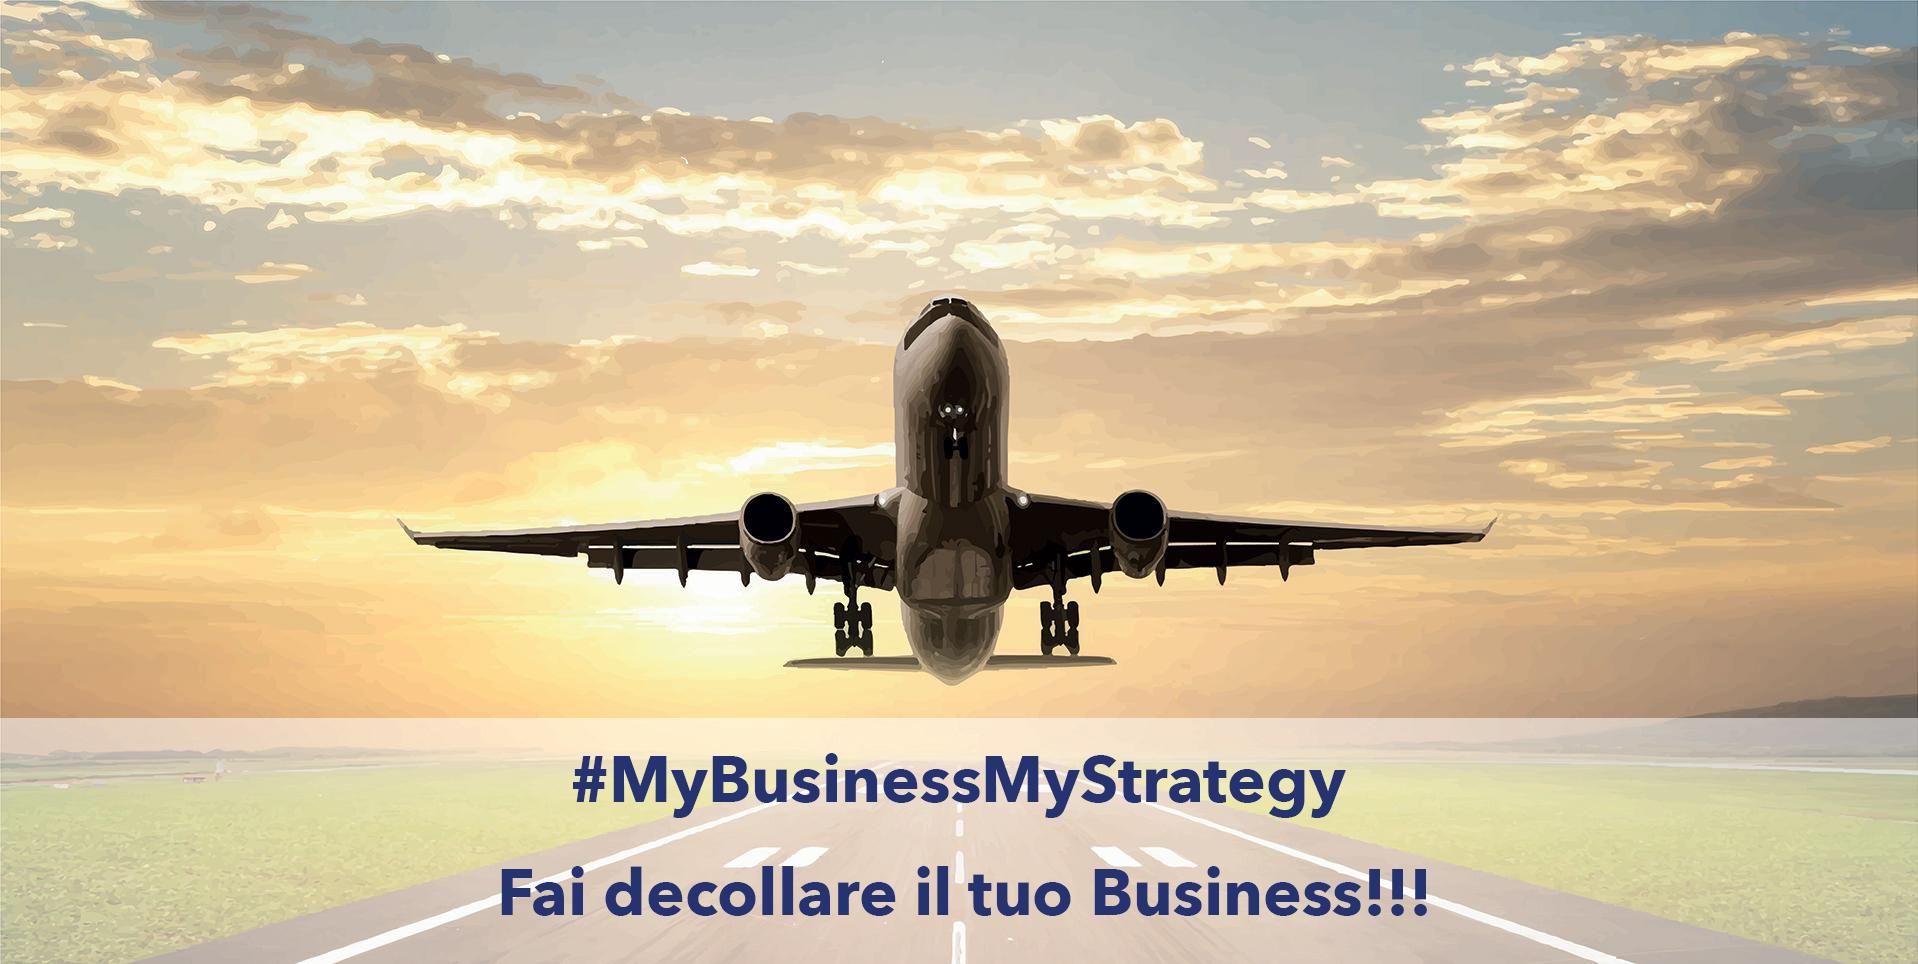 DSB ITALY Group - Fai quello che gli altri non Fanno